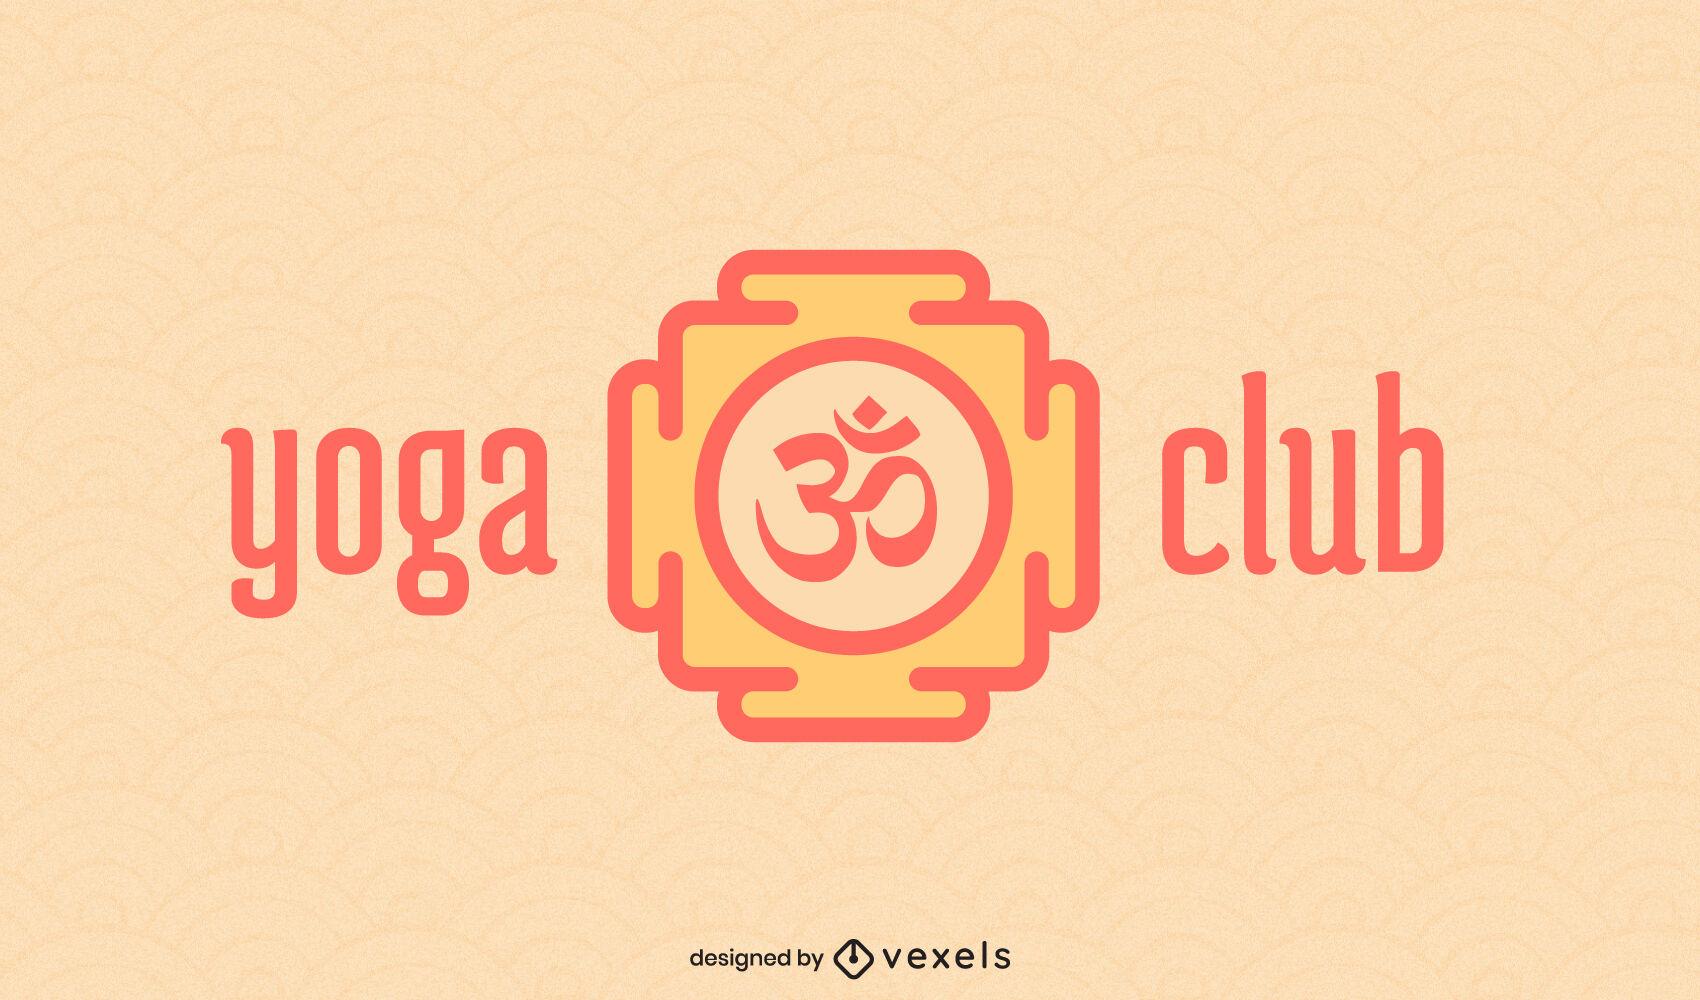 Trazo geométrico del logo de yoga